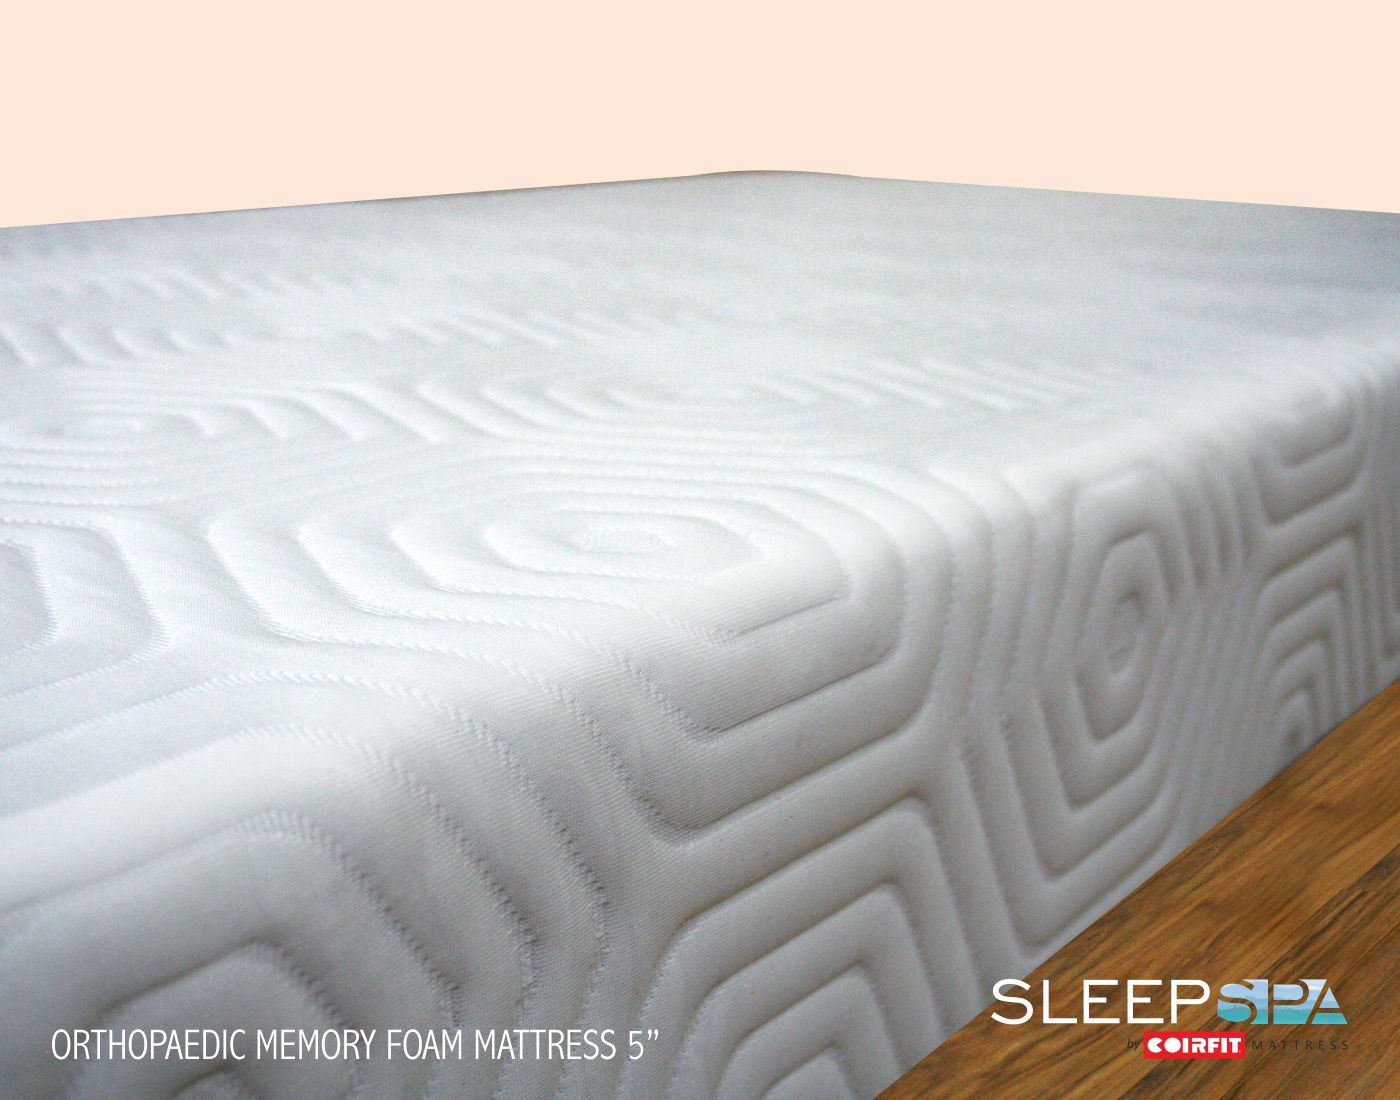 sleep spa premium orthopedic 5 inches 13 cm 5 in memory foam